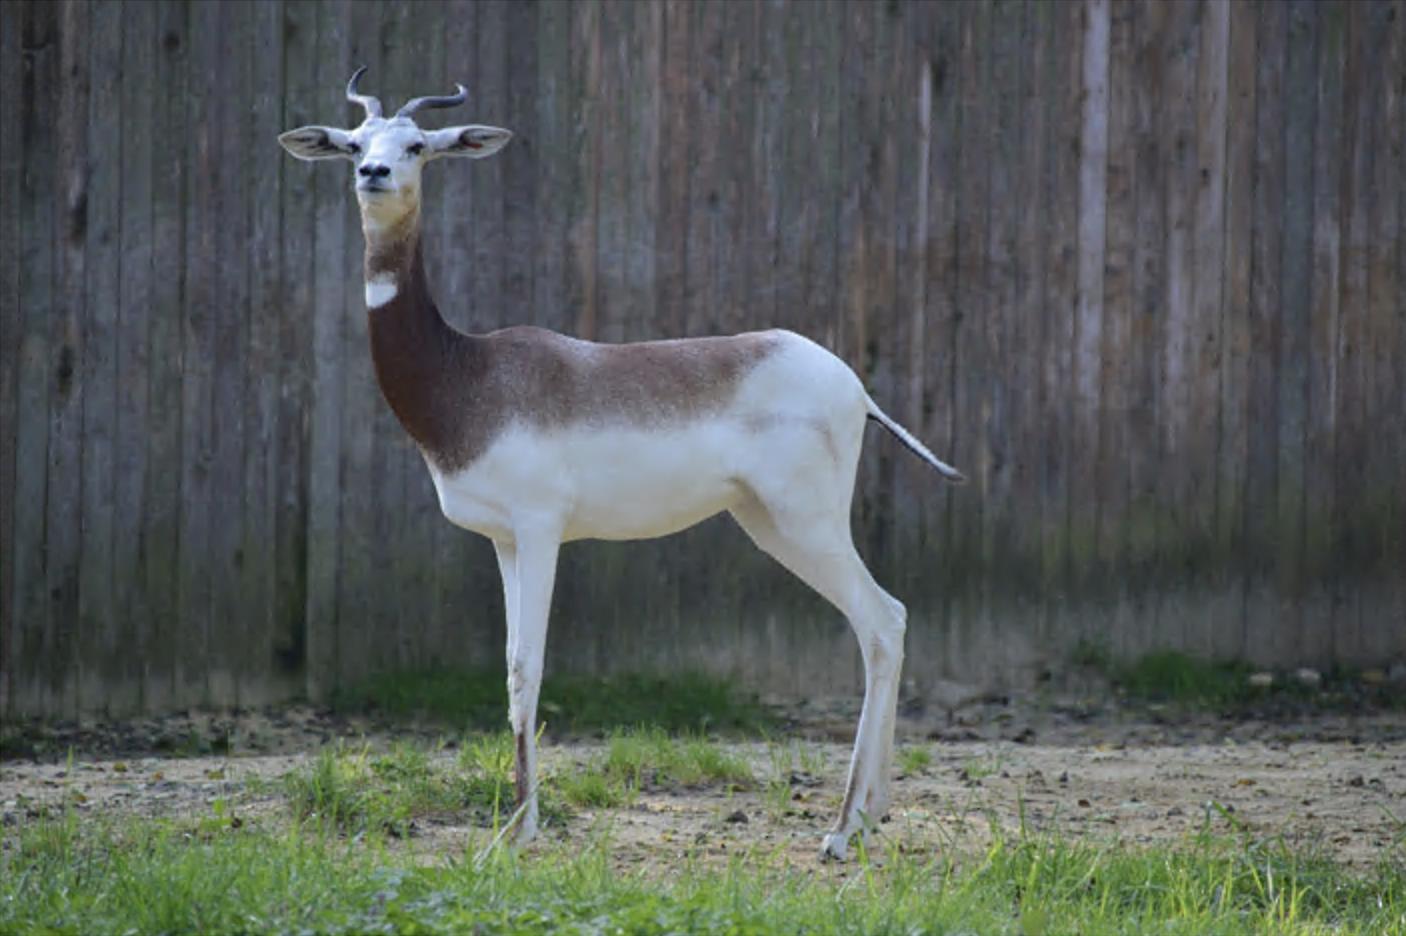 Dama gazelle stands in grass enclosure